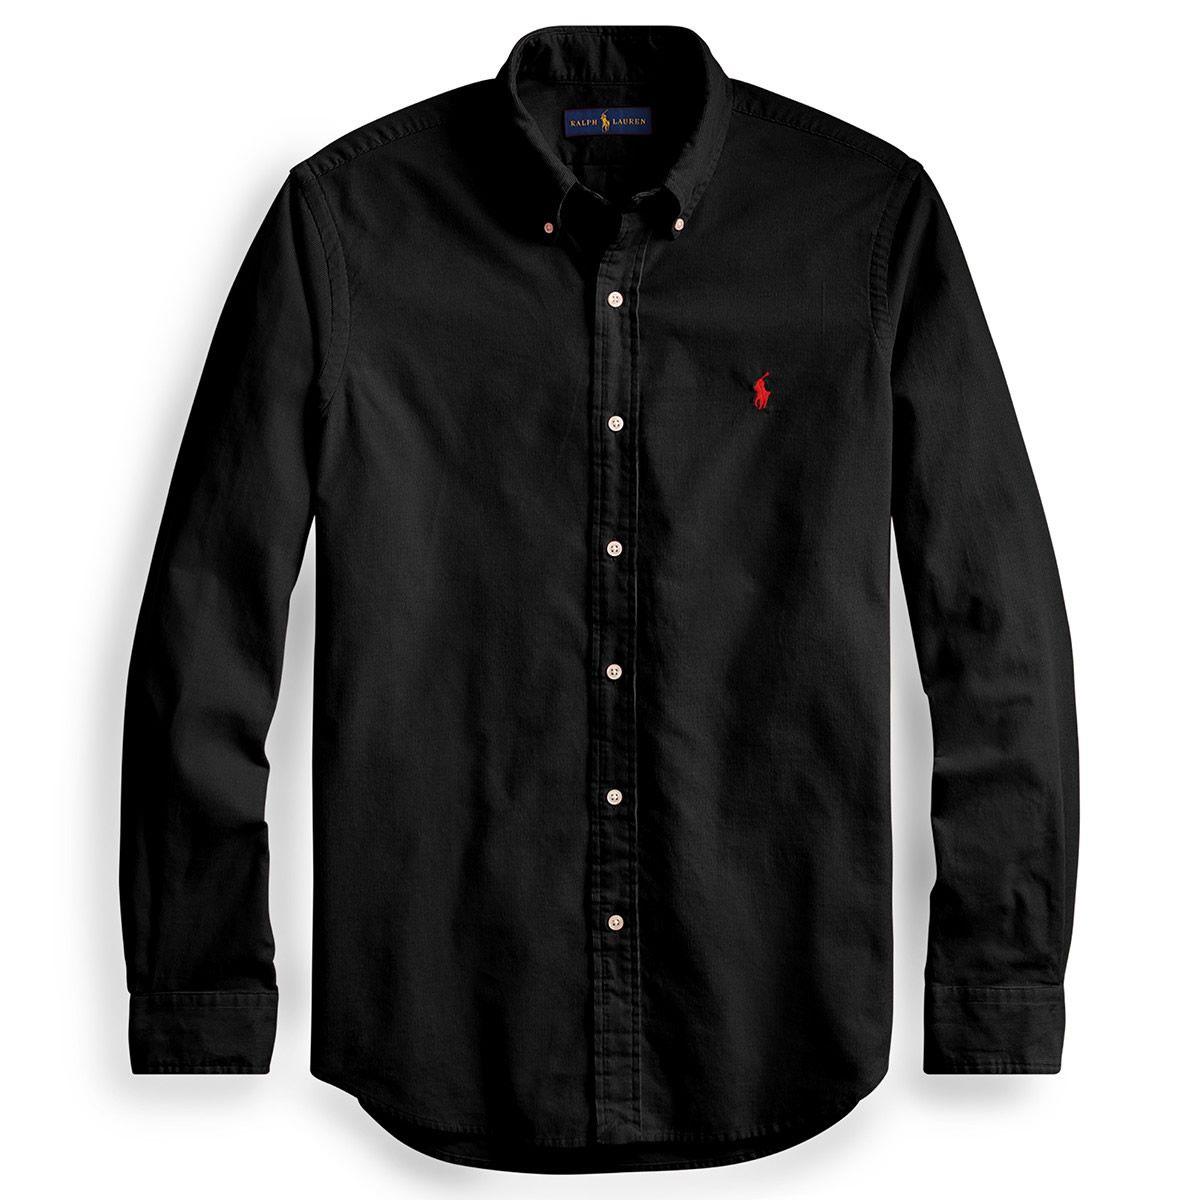 3582319c151 Casual Shirts Polo Ralph Lauren - Macy s